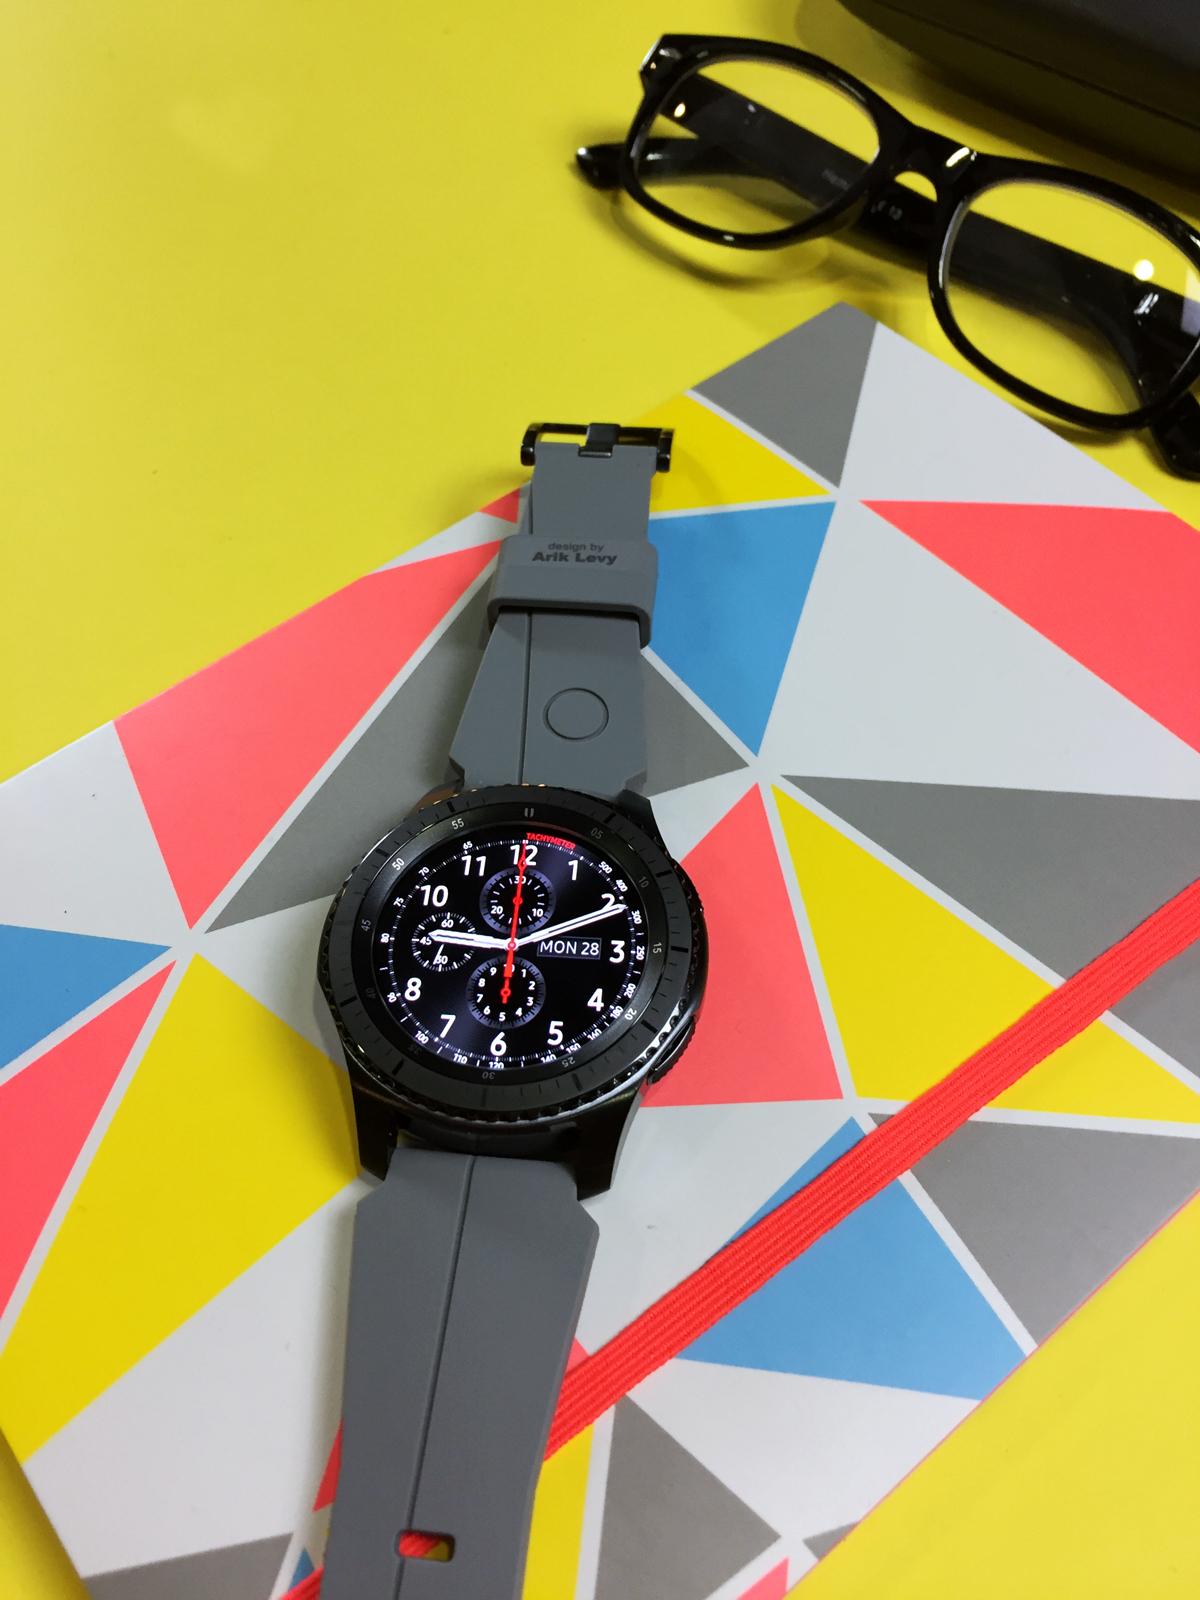 samsung-gear-s3-test-avis-prix-montre-connectee-critique-photo-by-blog-united-states-of-paris